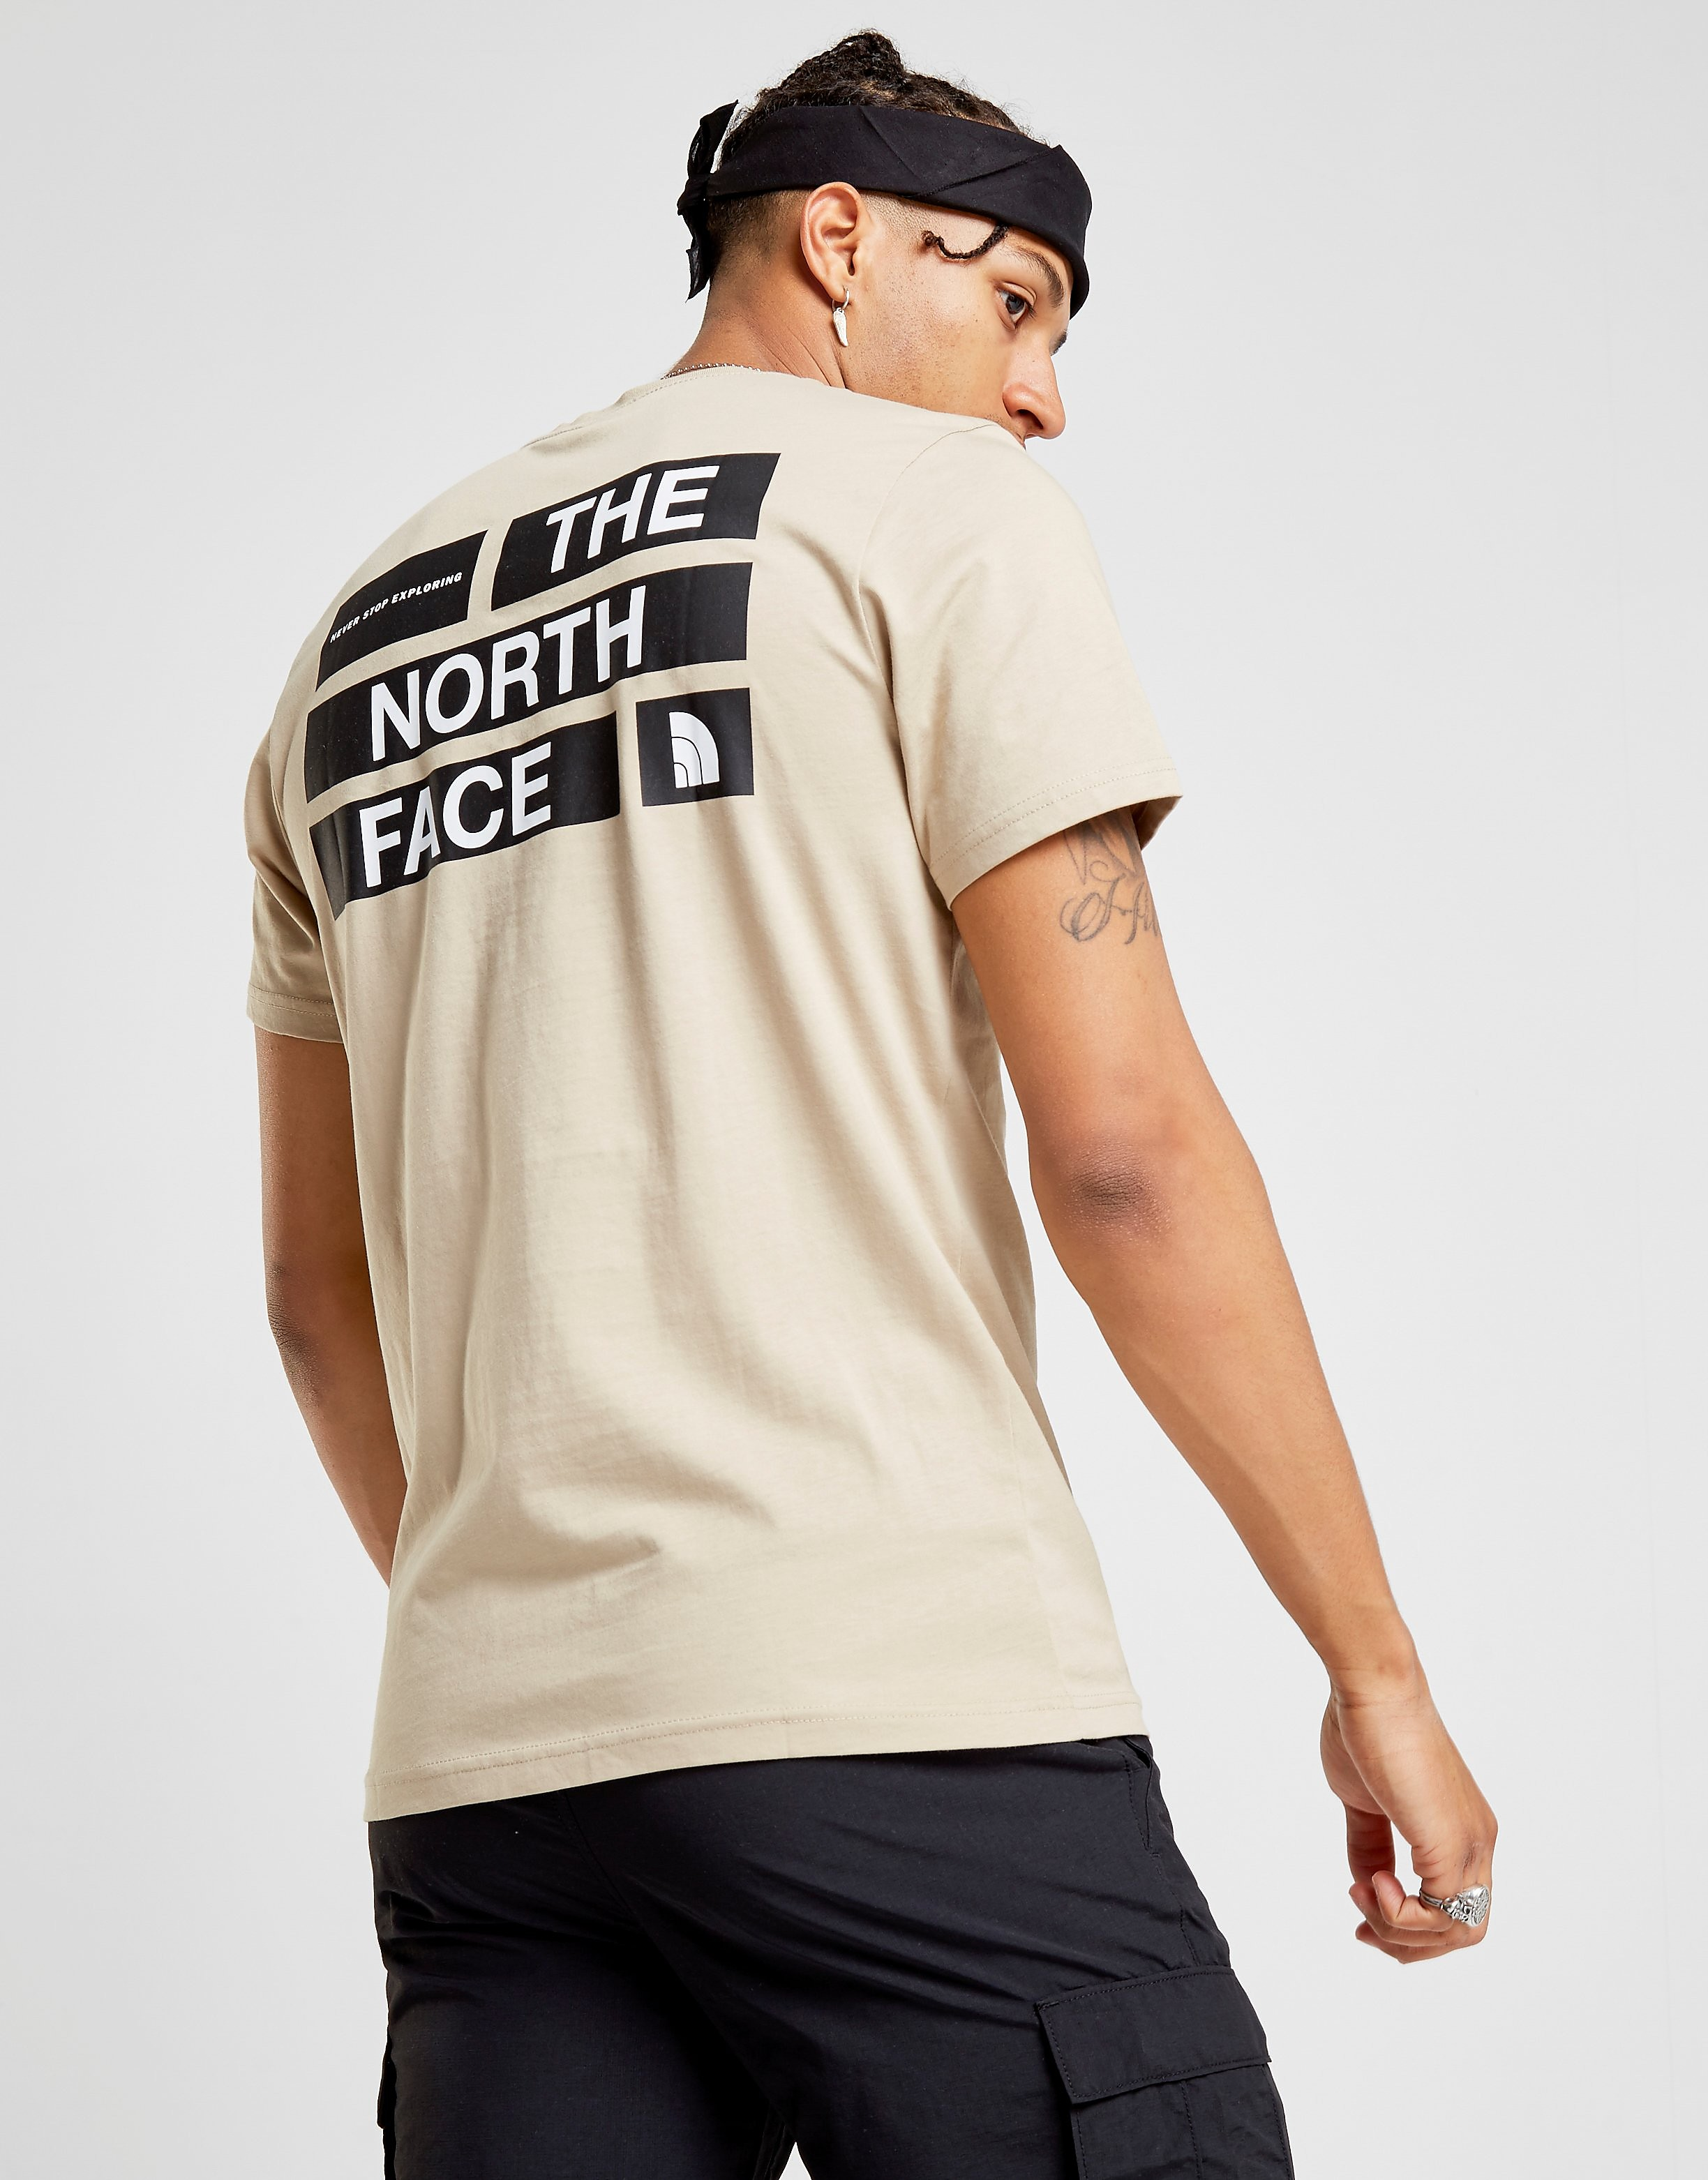 The North Face camiseta Newbox 18